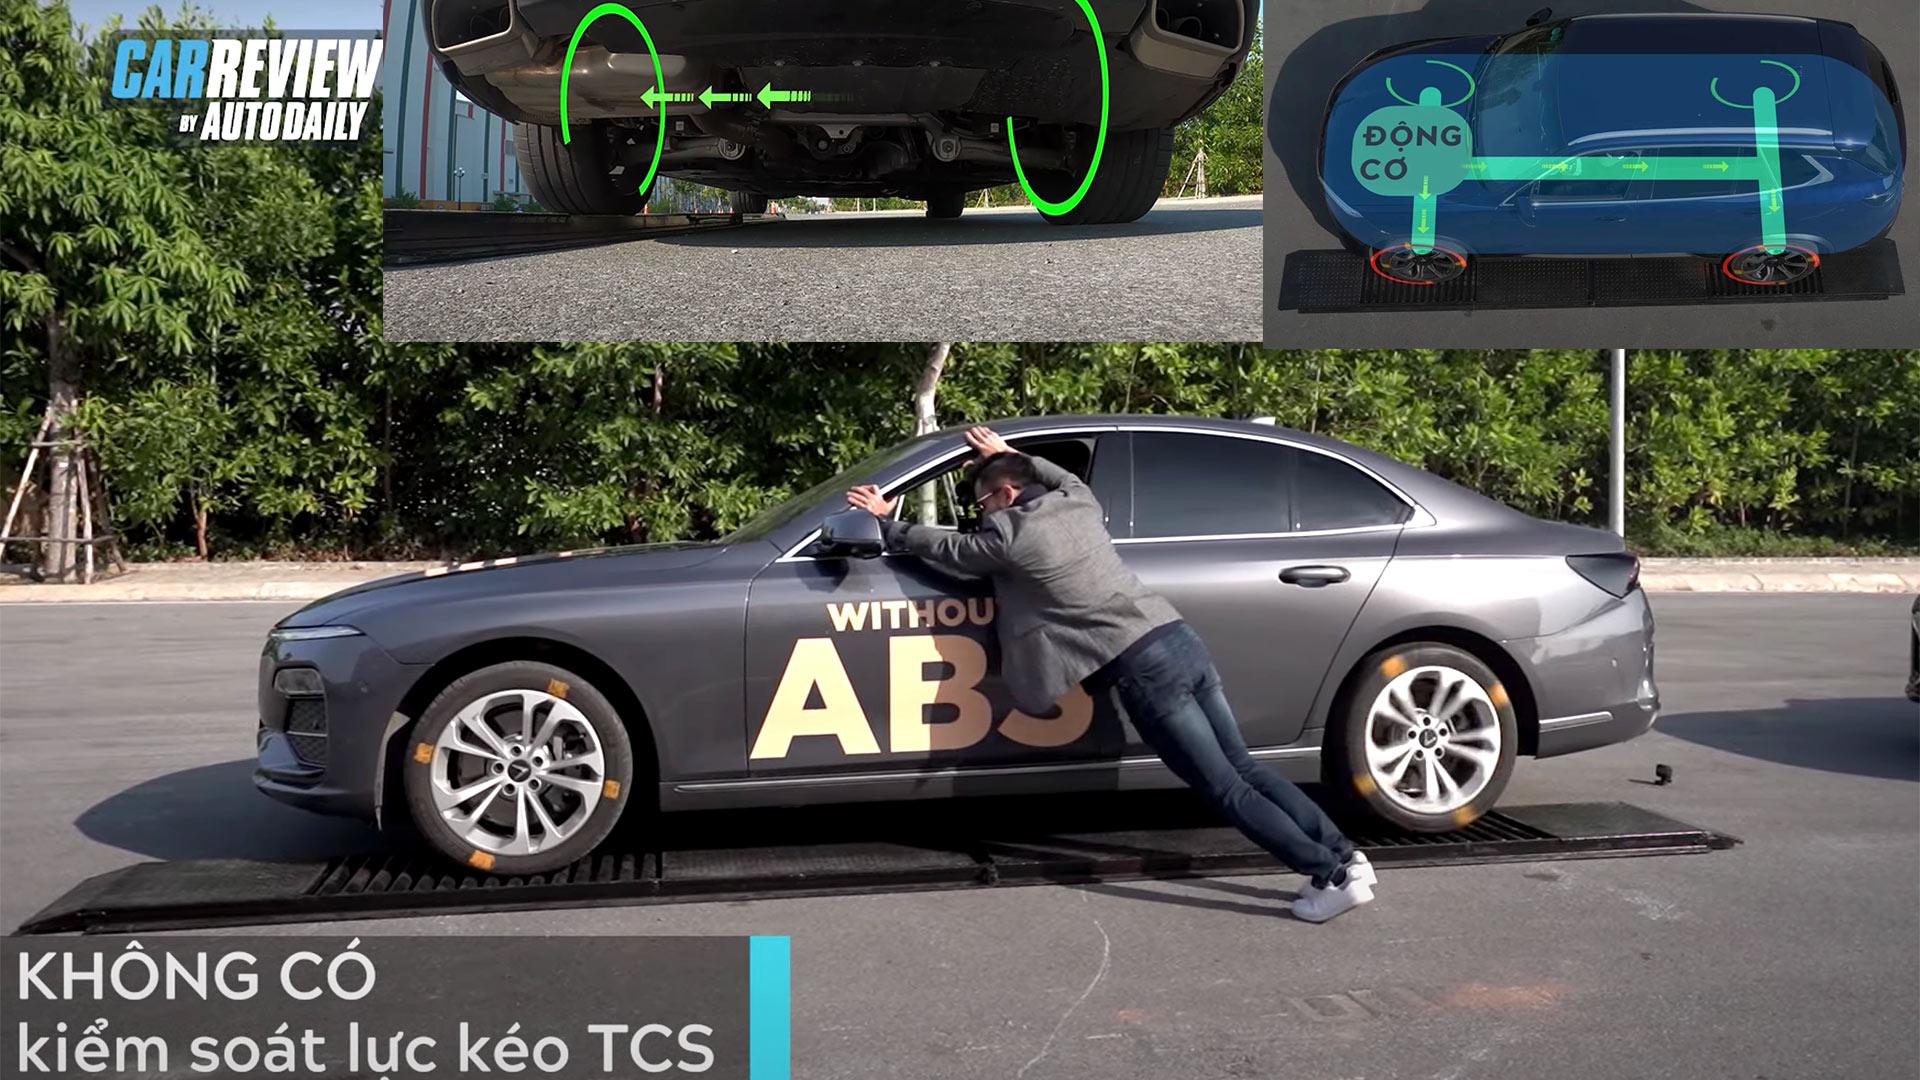 Tầm quan trọng của Hệ thống kiểm soát lực kéo Traction Control trên xe ô tô VinFast